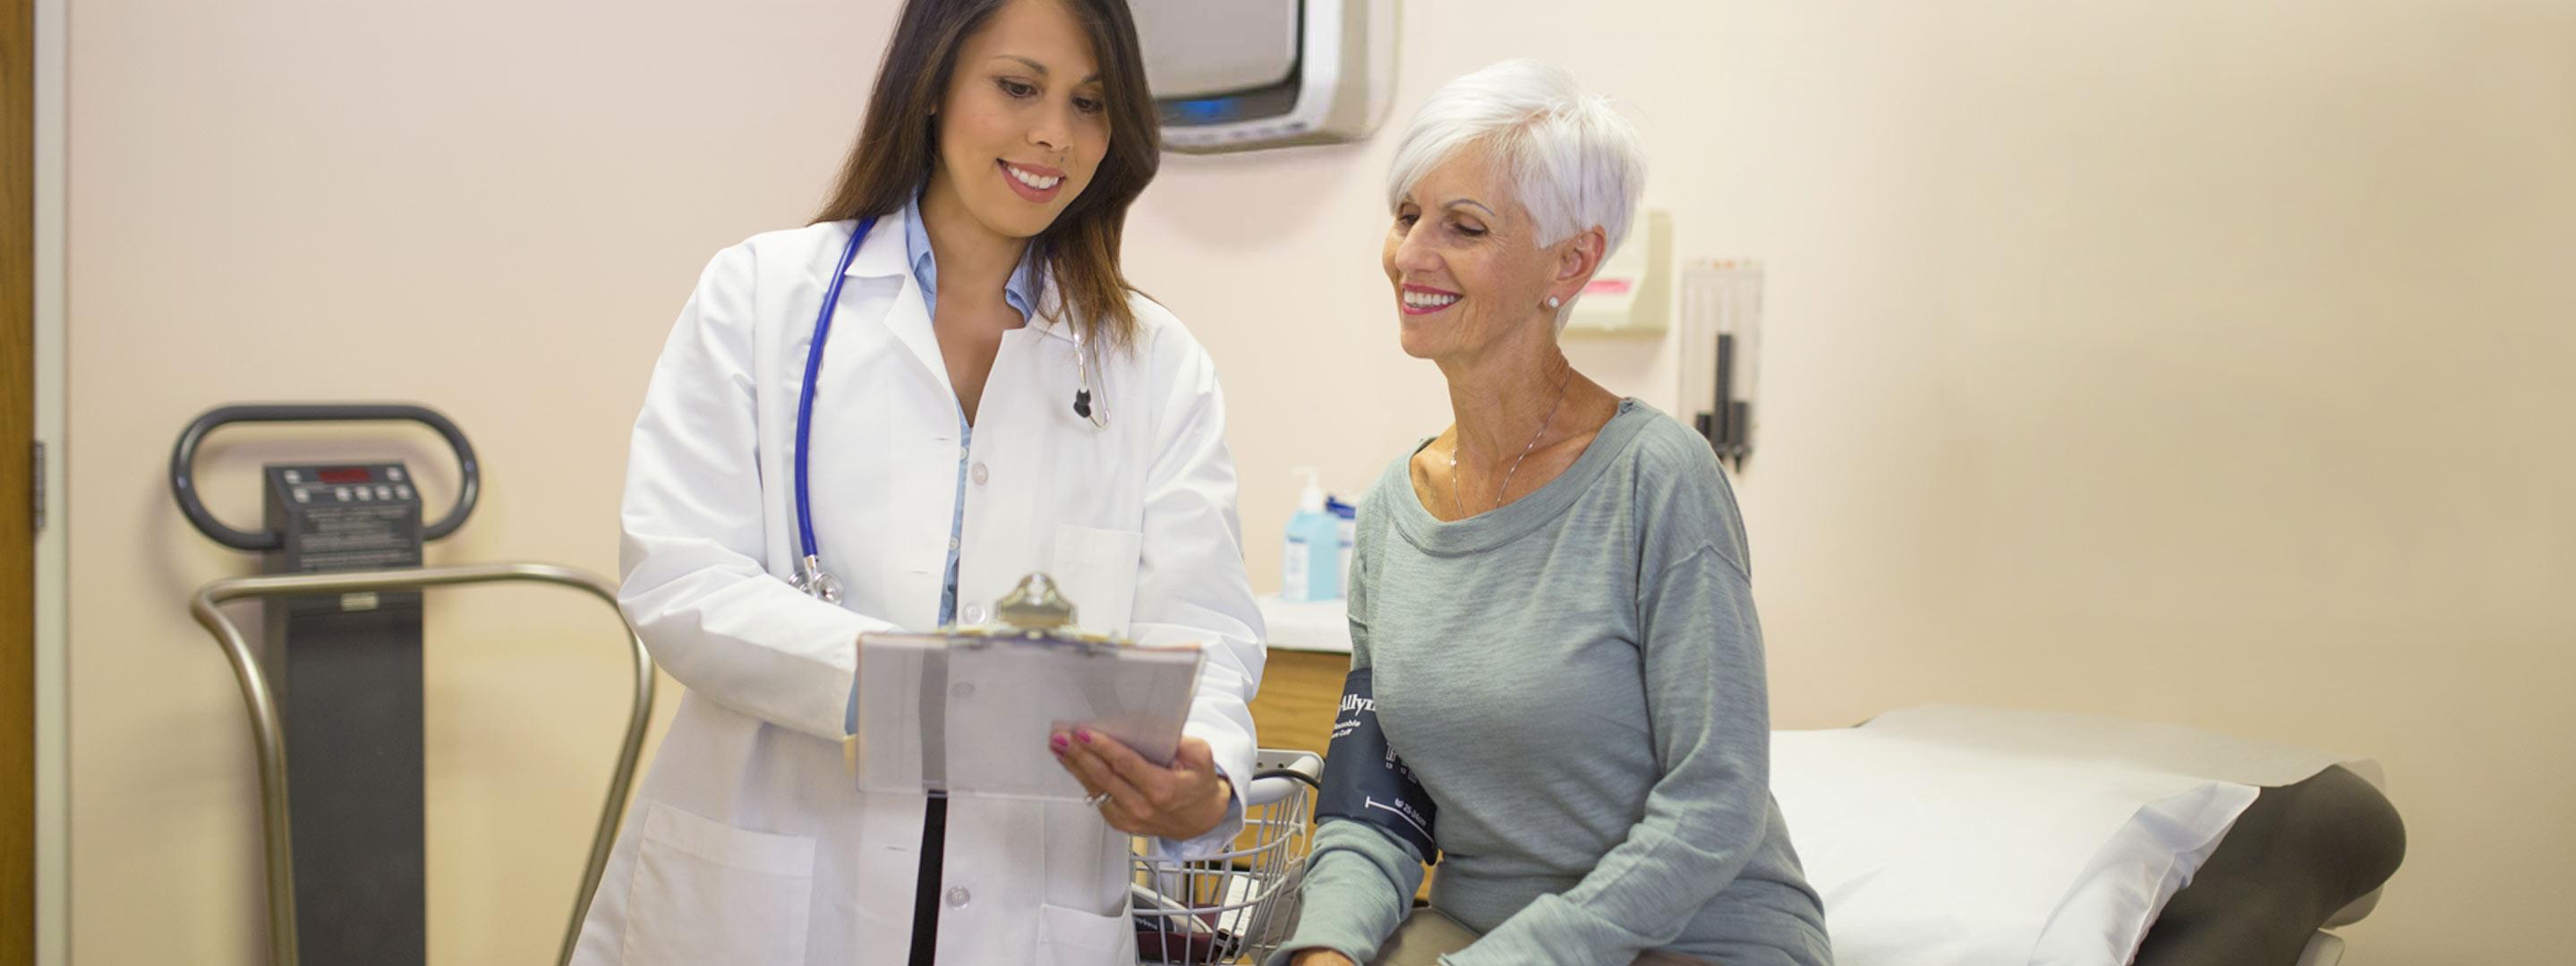 AreaMax Pro w placówkach służby zdrowia